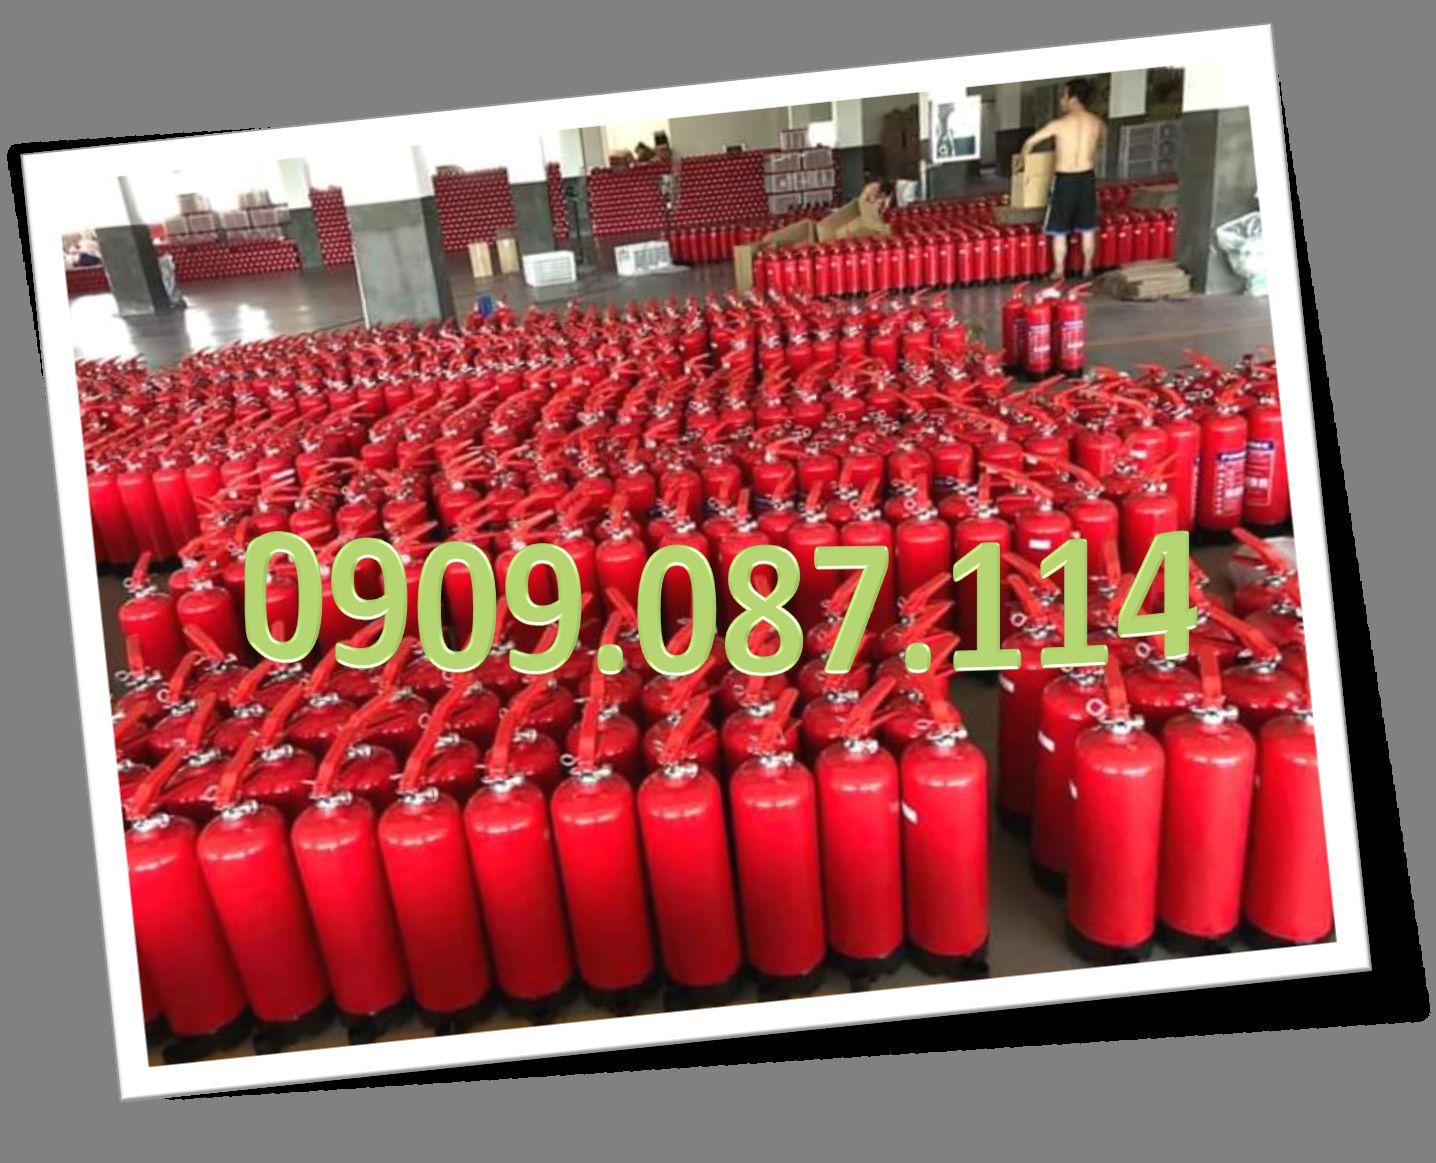 Nạp bình chữa cháy Khu Công Nghiệp Tiền Giang  gọi  ngay 0909.087.114 - miễn phí vận chuyển